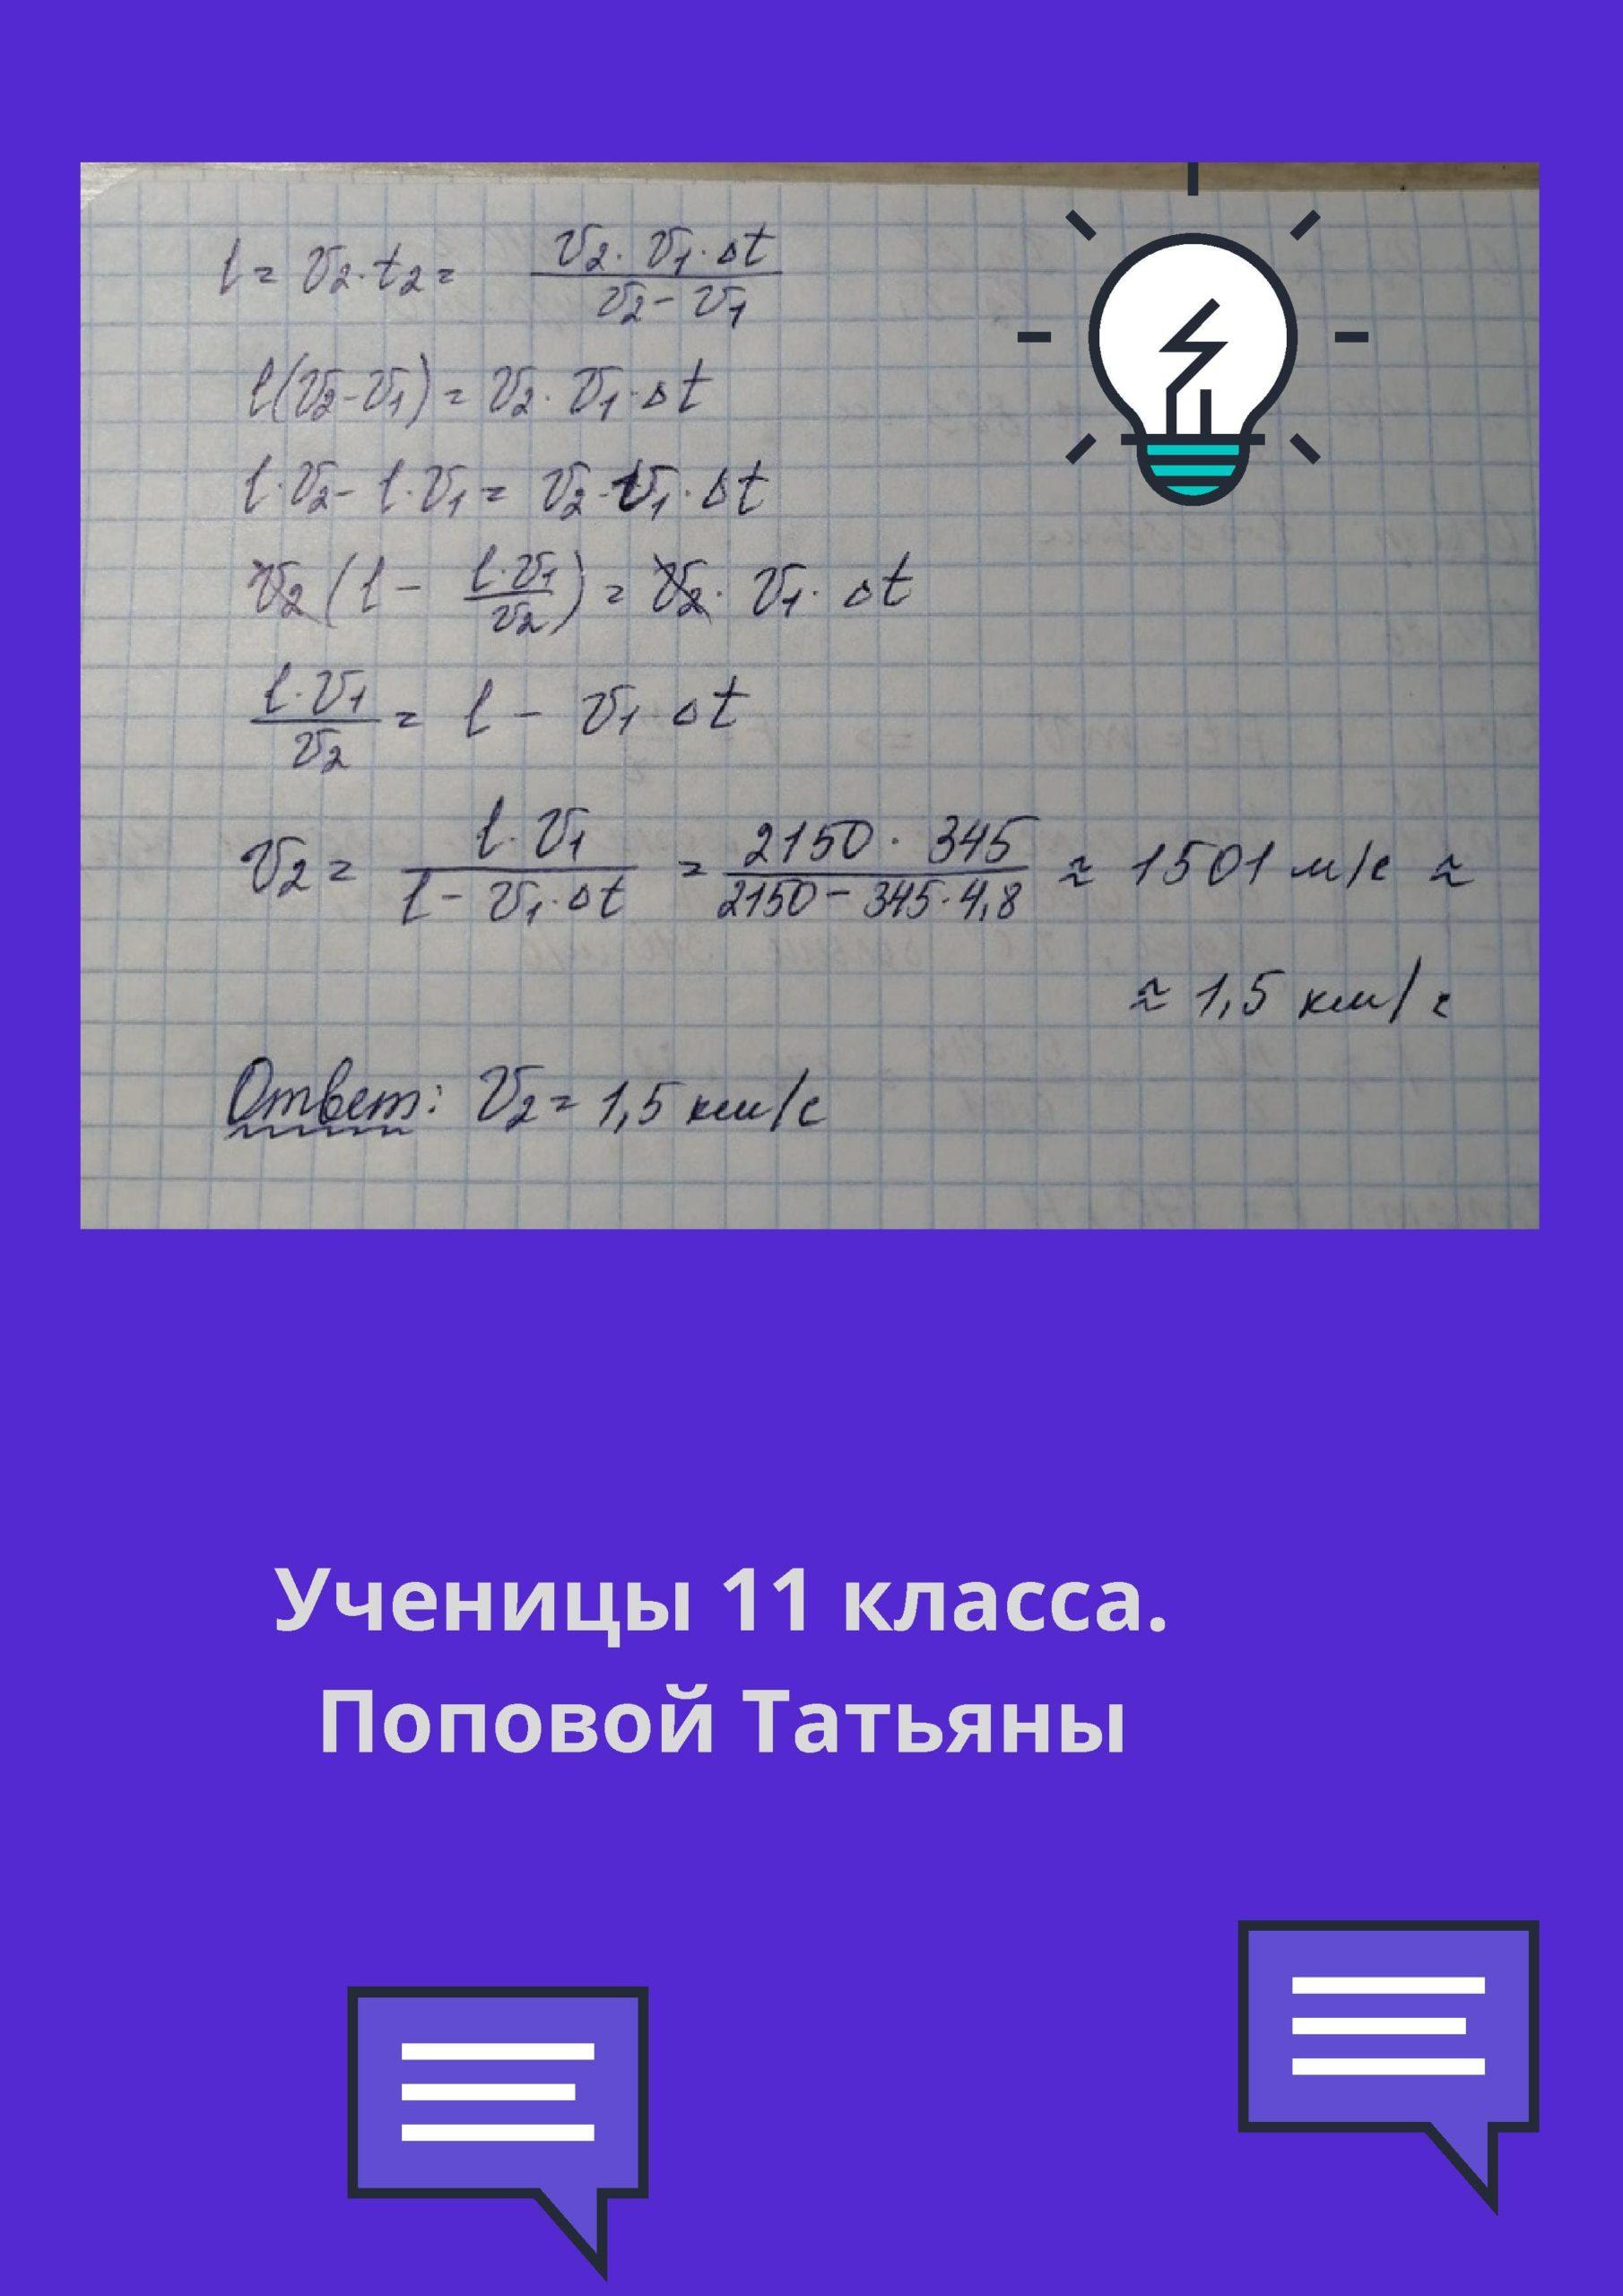 Решение задач по теме: механические волны. Достаточный уровень. Продолжение задачи № 14.34